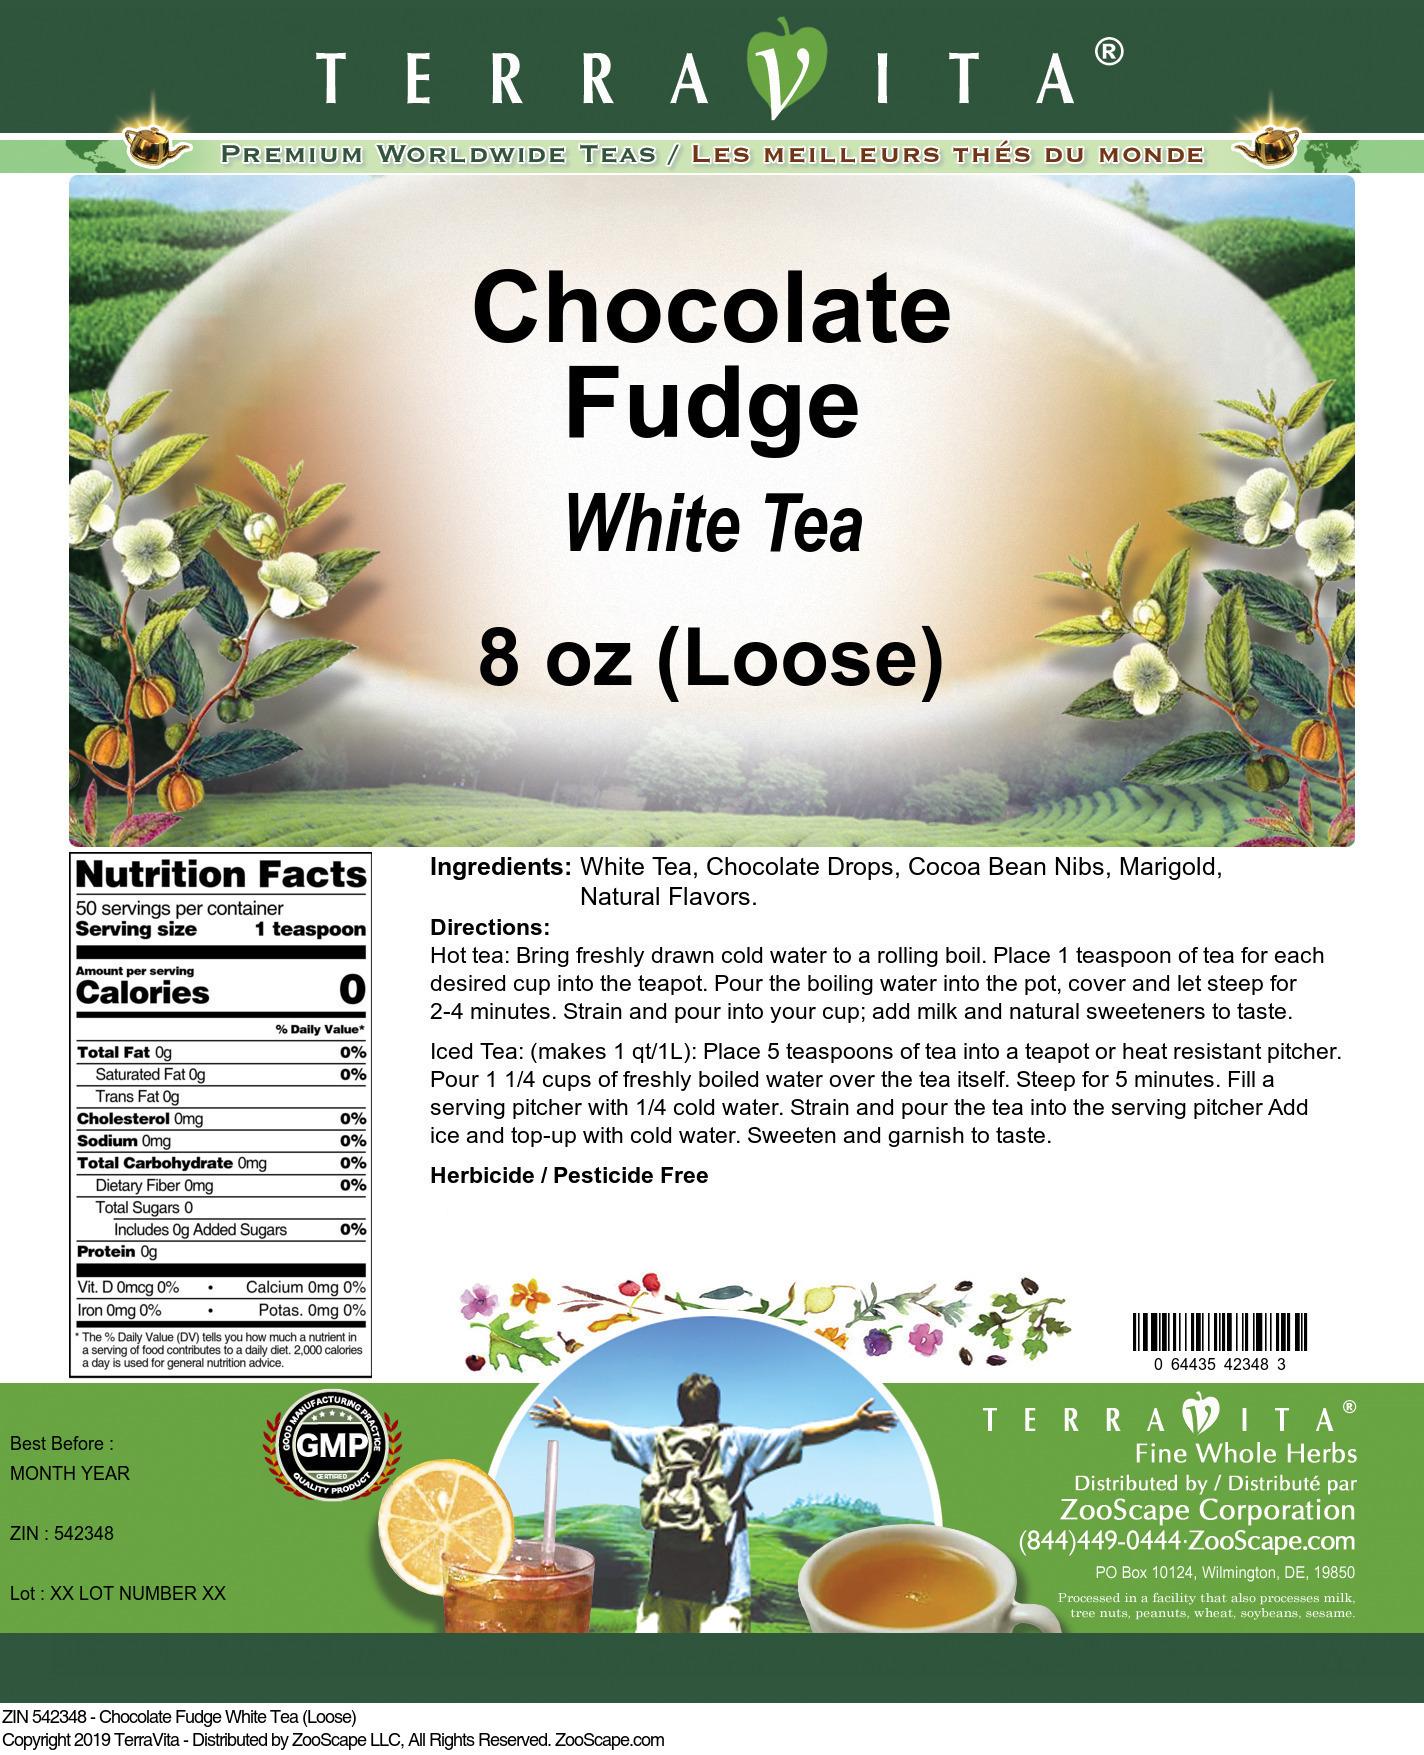 Chocolate Fudge White Tea (Loose)